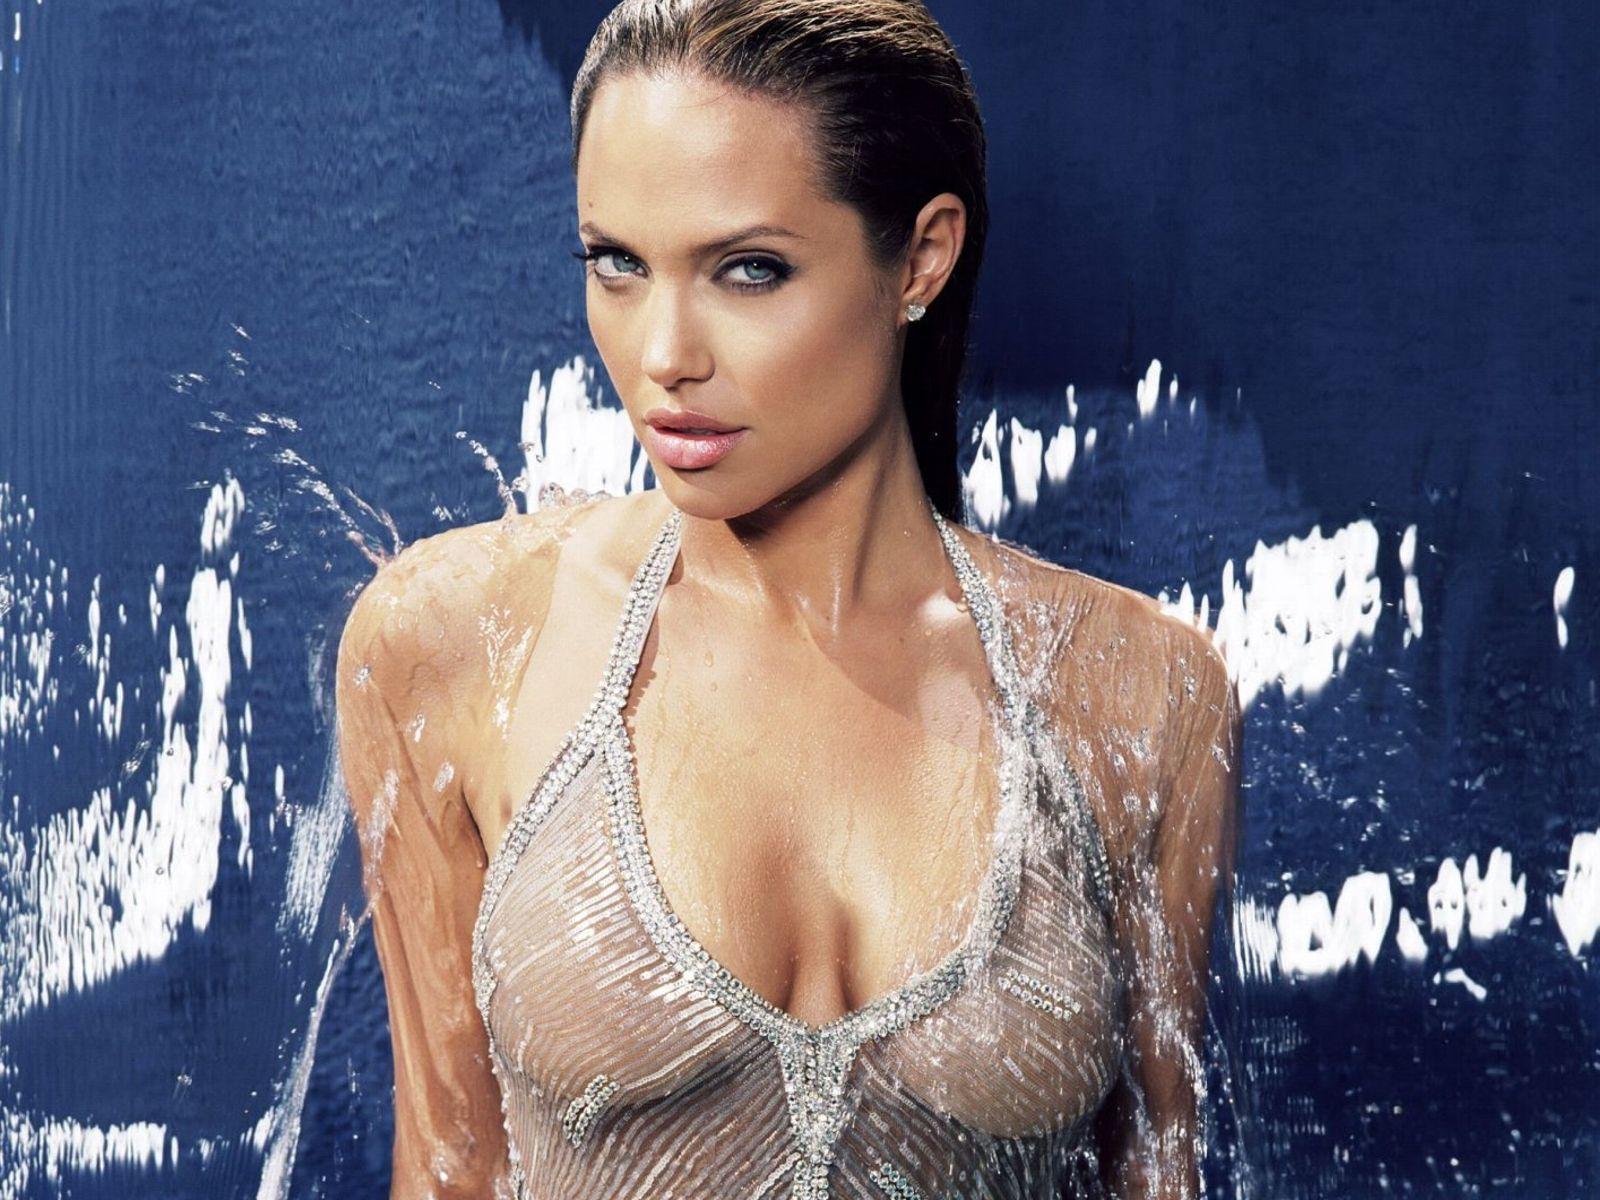 http://3.bp.blogspot.com/_PFHsbKpt1A4/TORKzYe1aPI/AAAAAAAAAUk/2CJllllSPuc/s1600/Angelina+Jolie+22.jpg